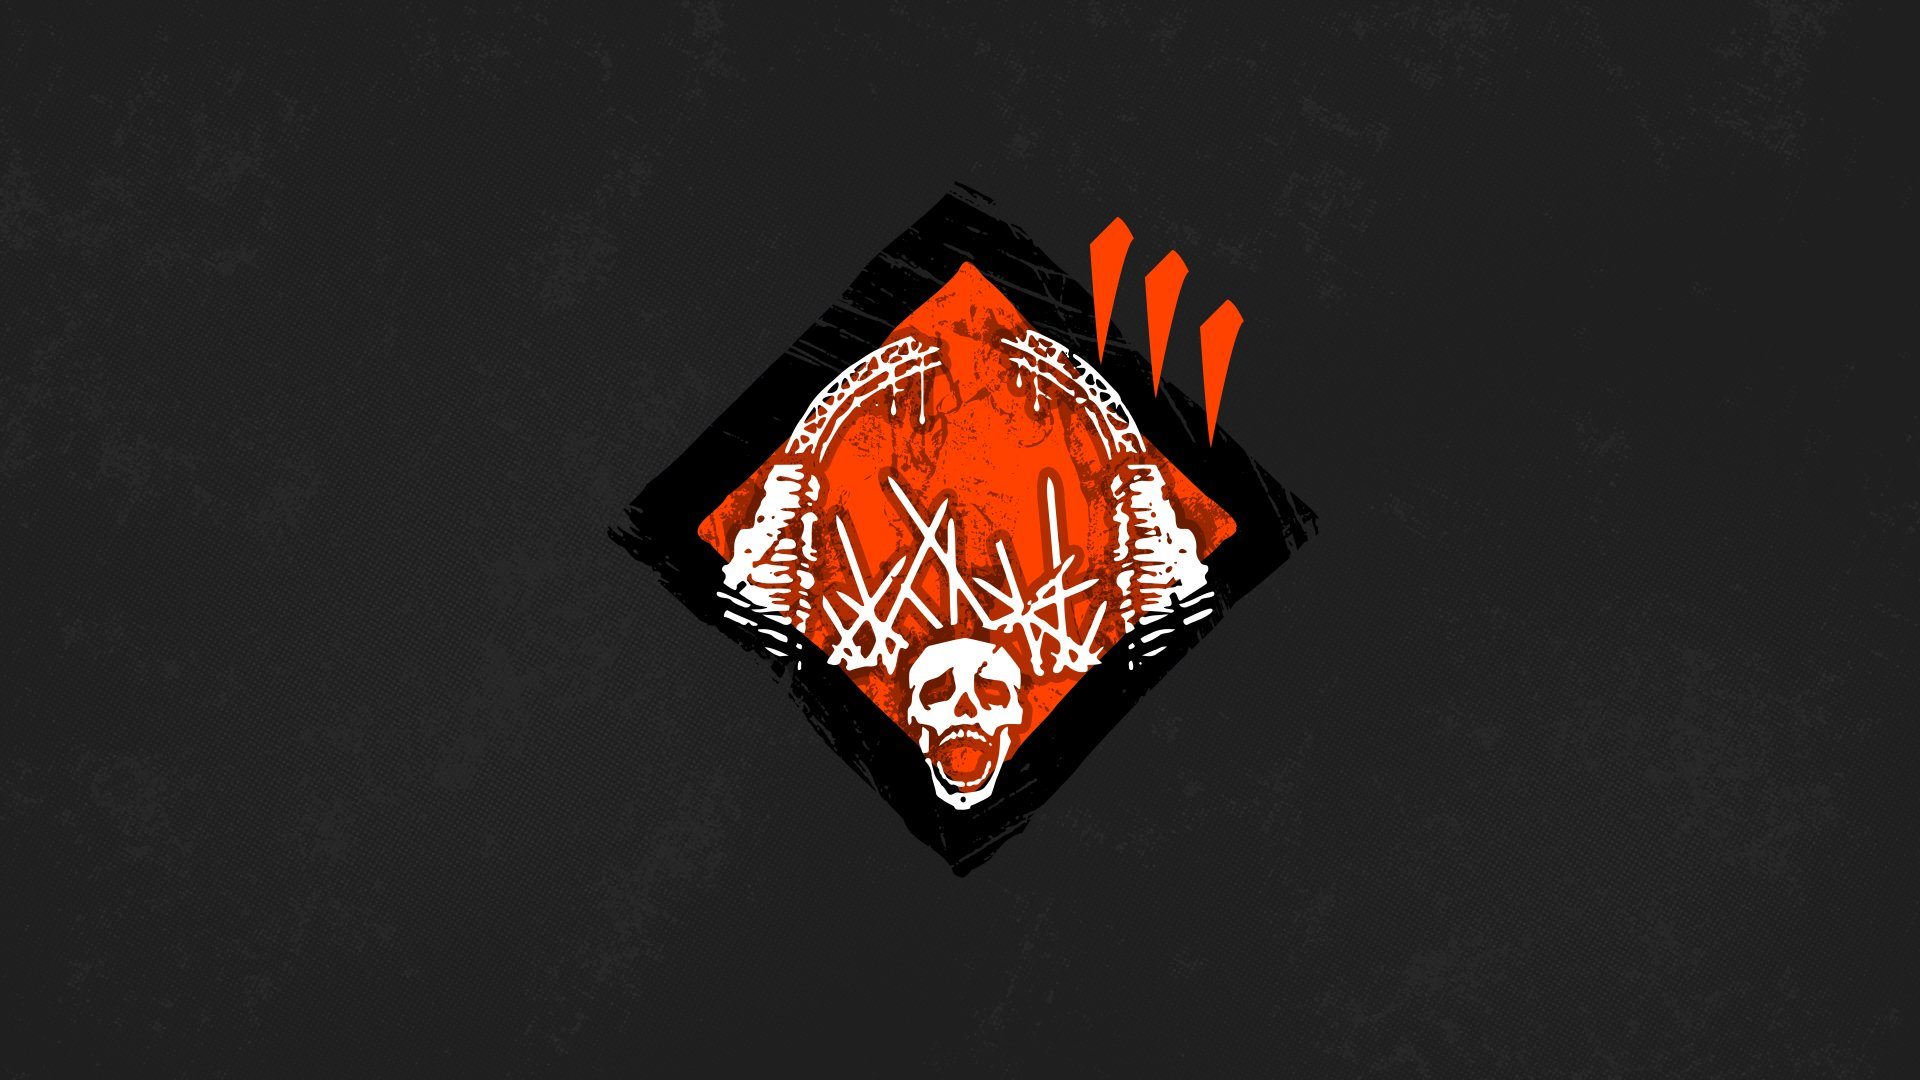 Blood Warden 8k Ultra Hd Wallpaper Background Image 12000x6750